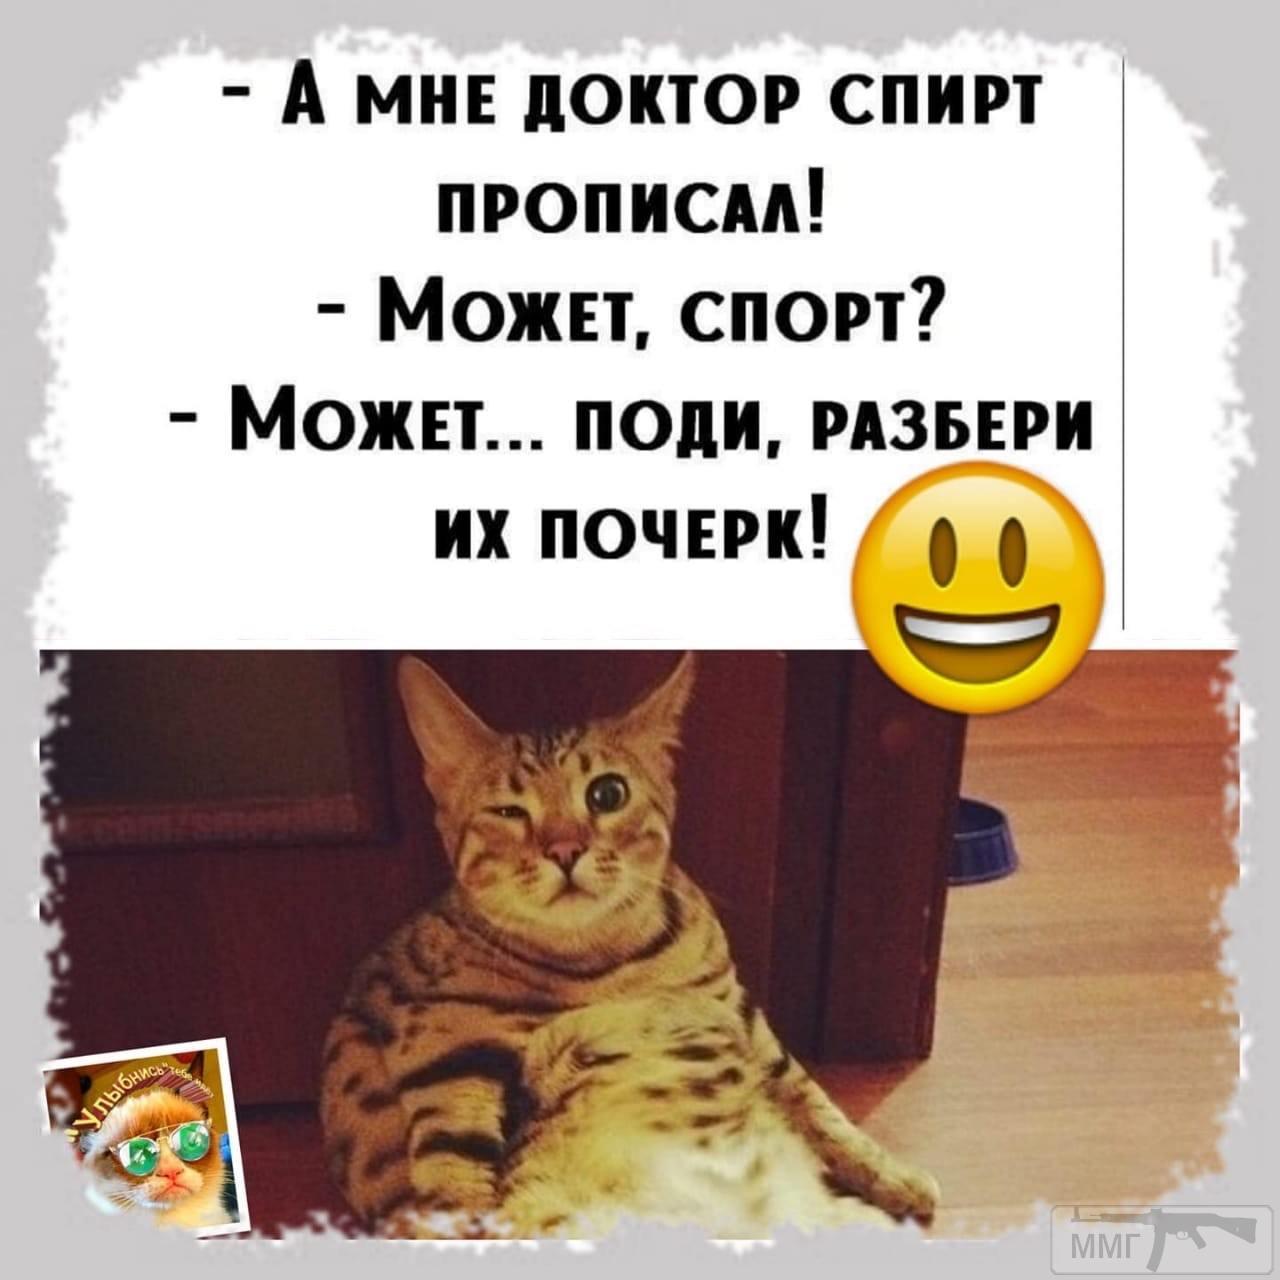 90607 - Анекдоты и другие короткие смешные тексты